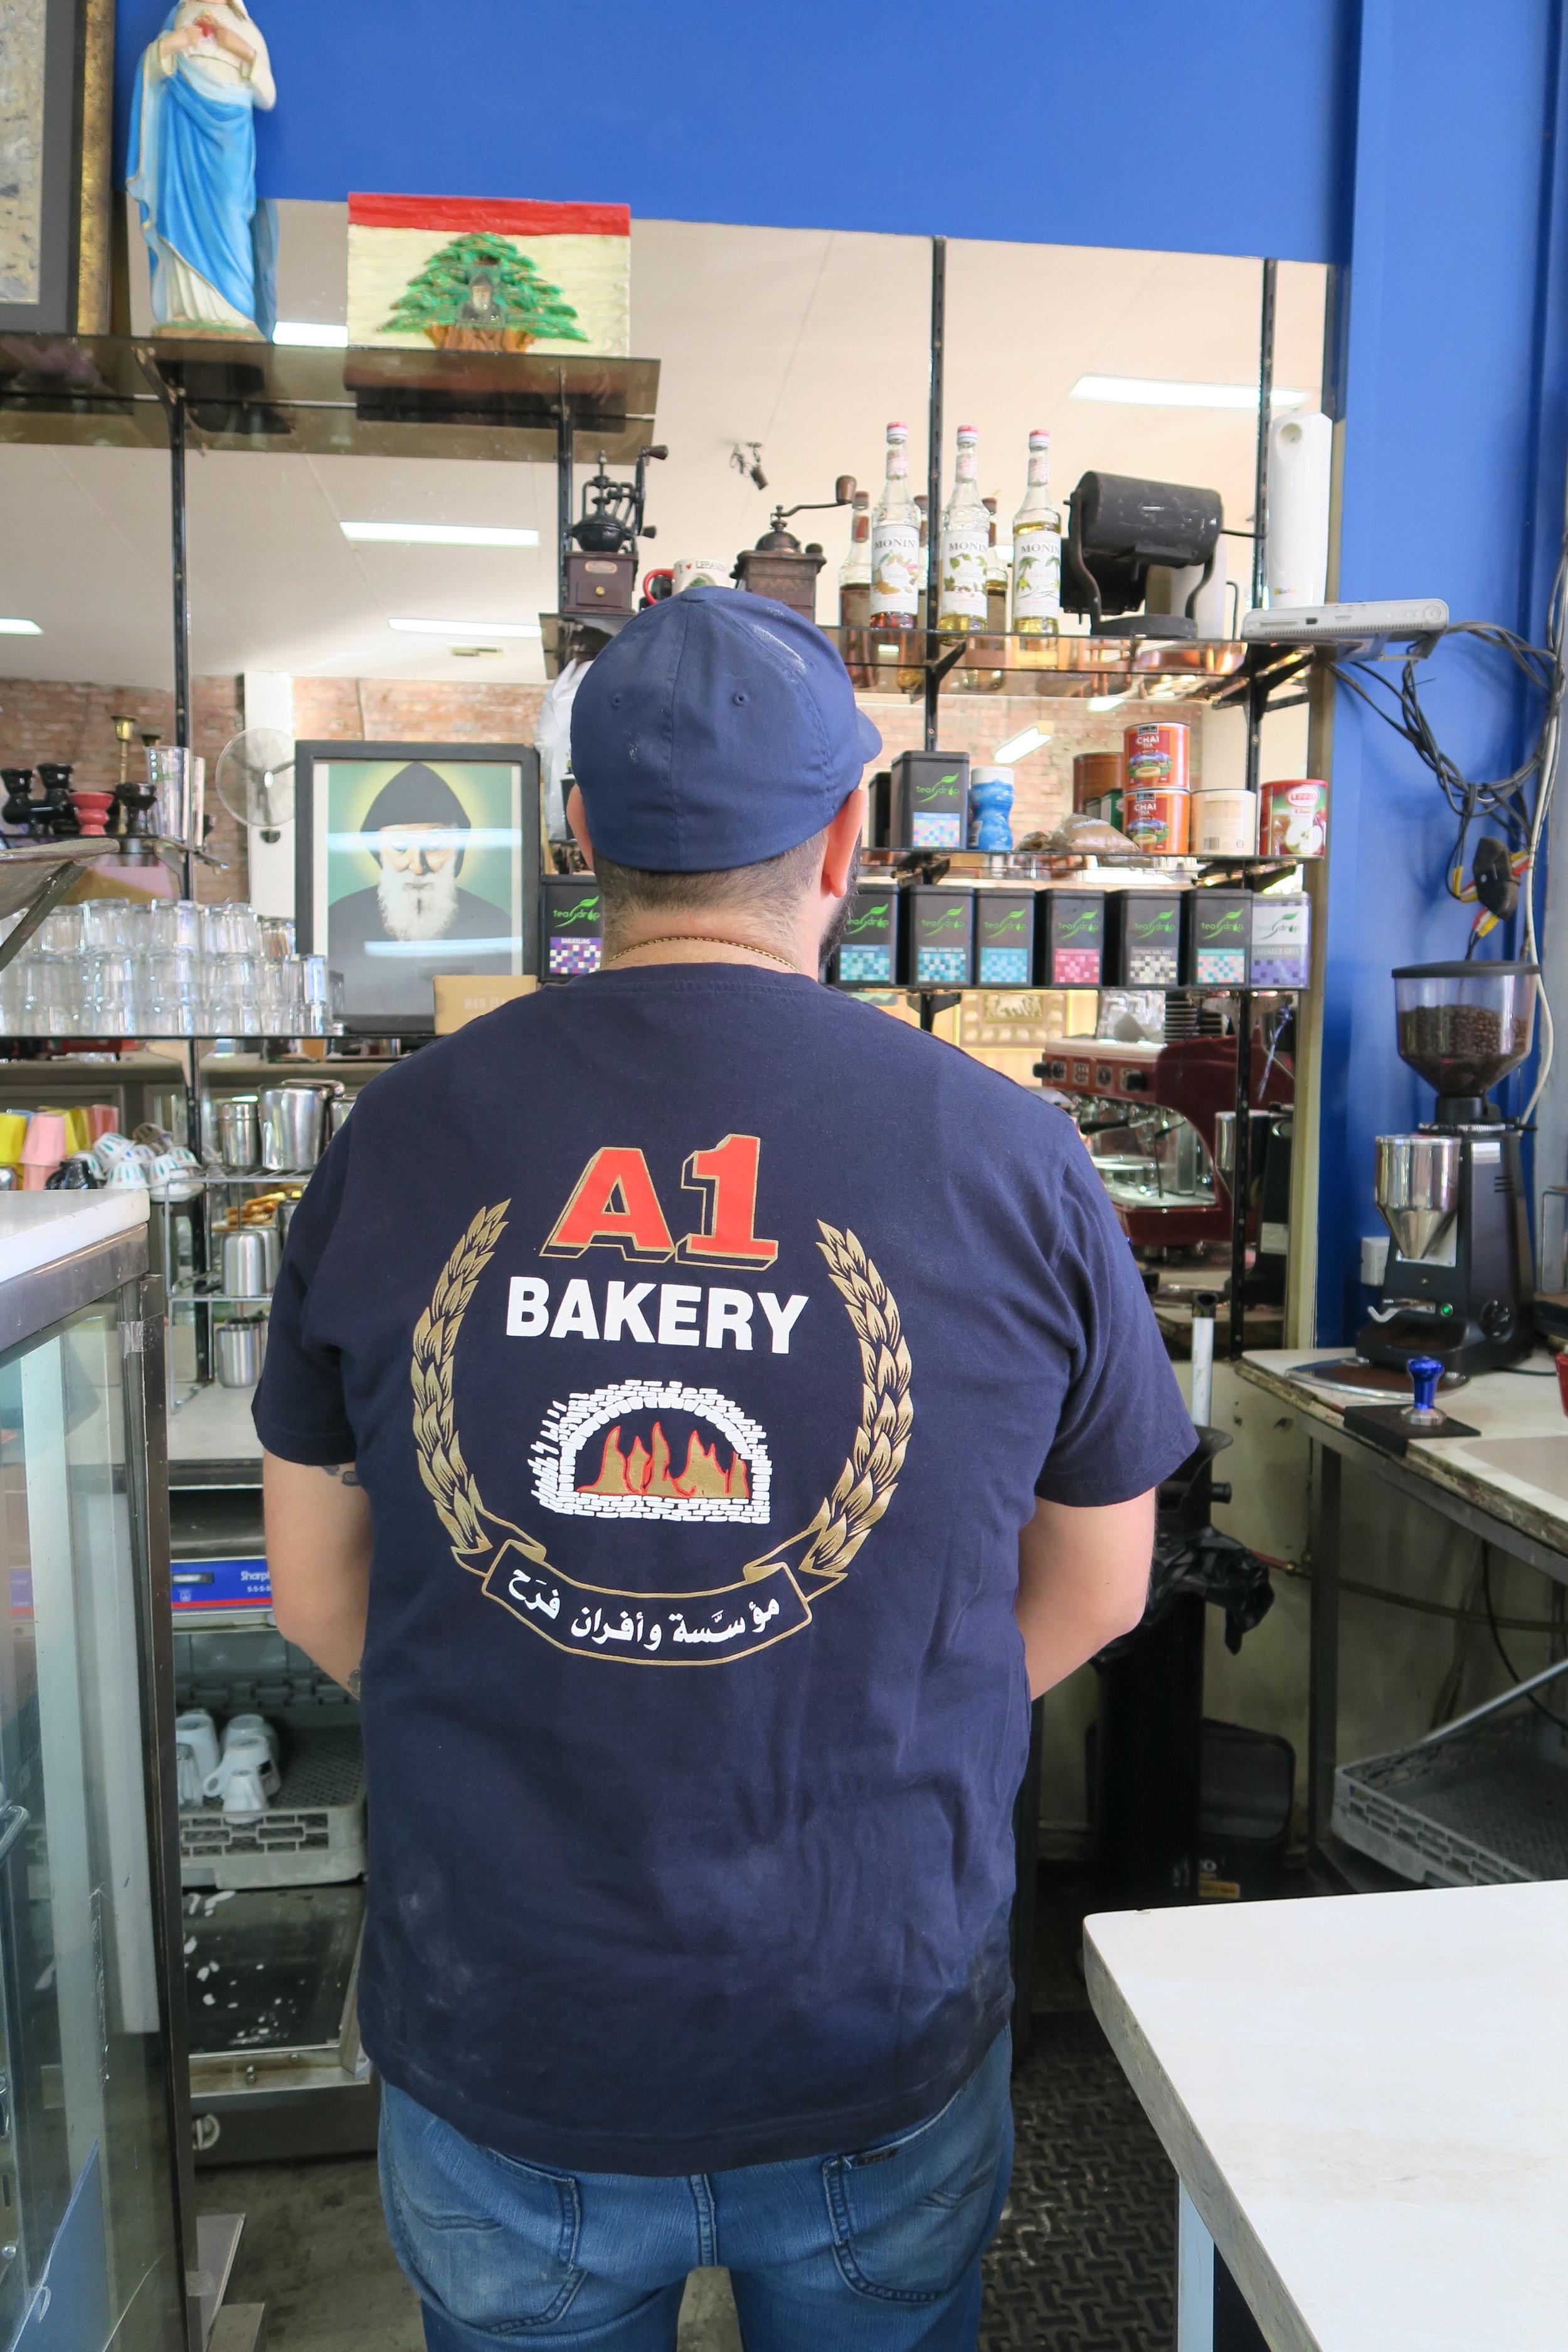 Team A1 Bakery.